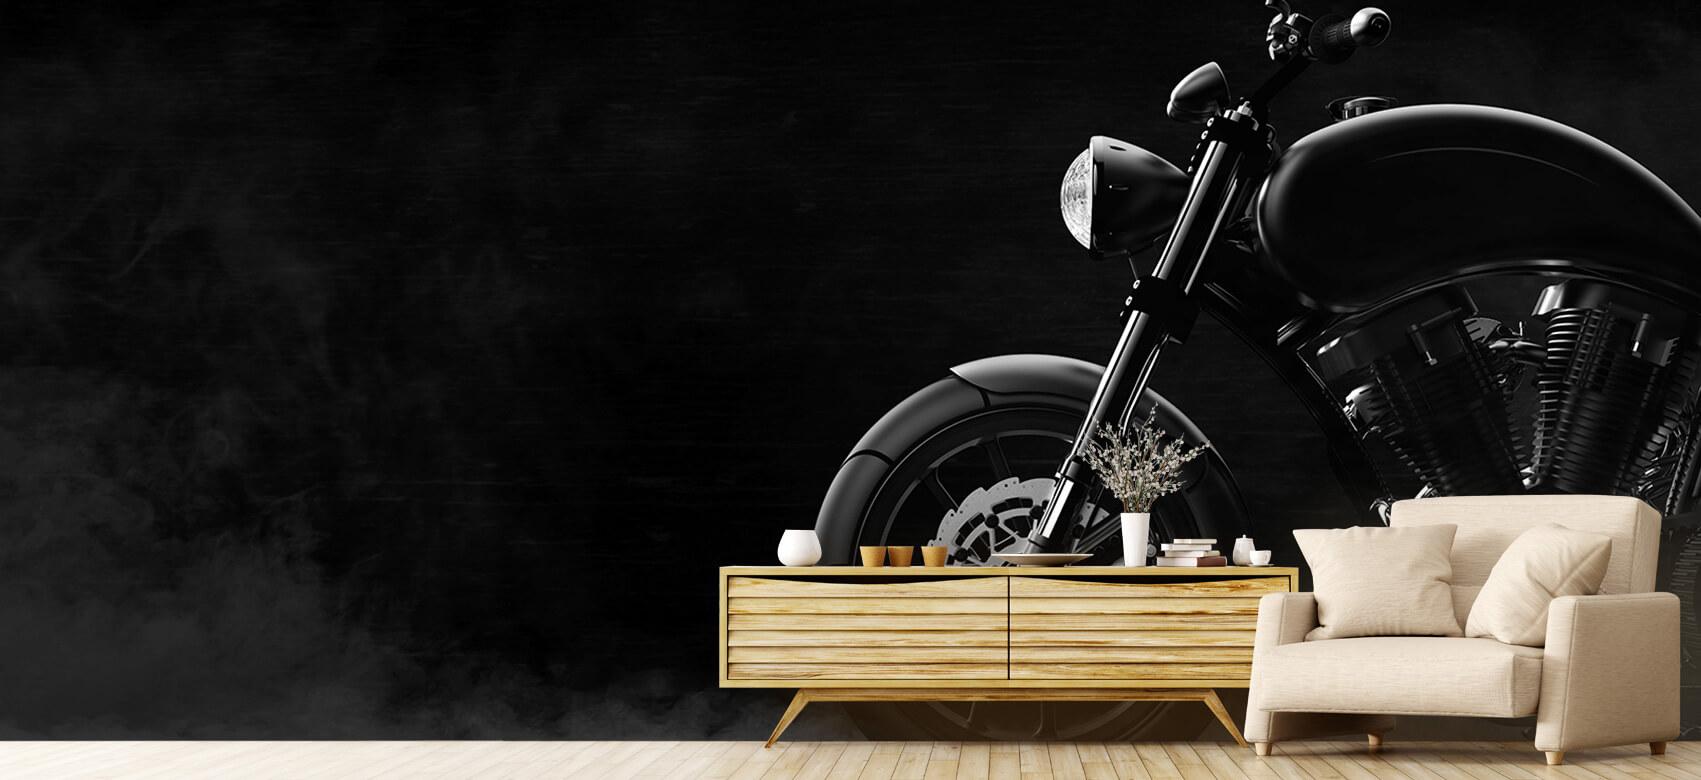 Transport Zwarte moderne motor 8